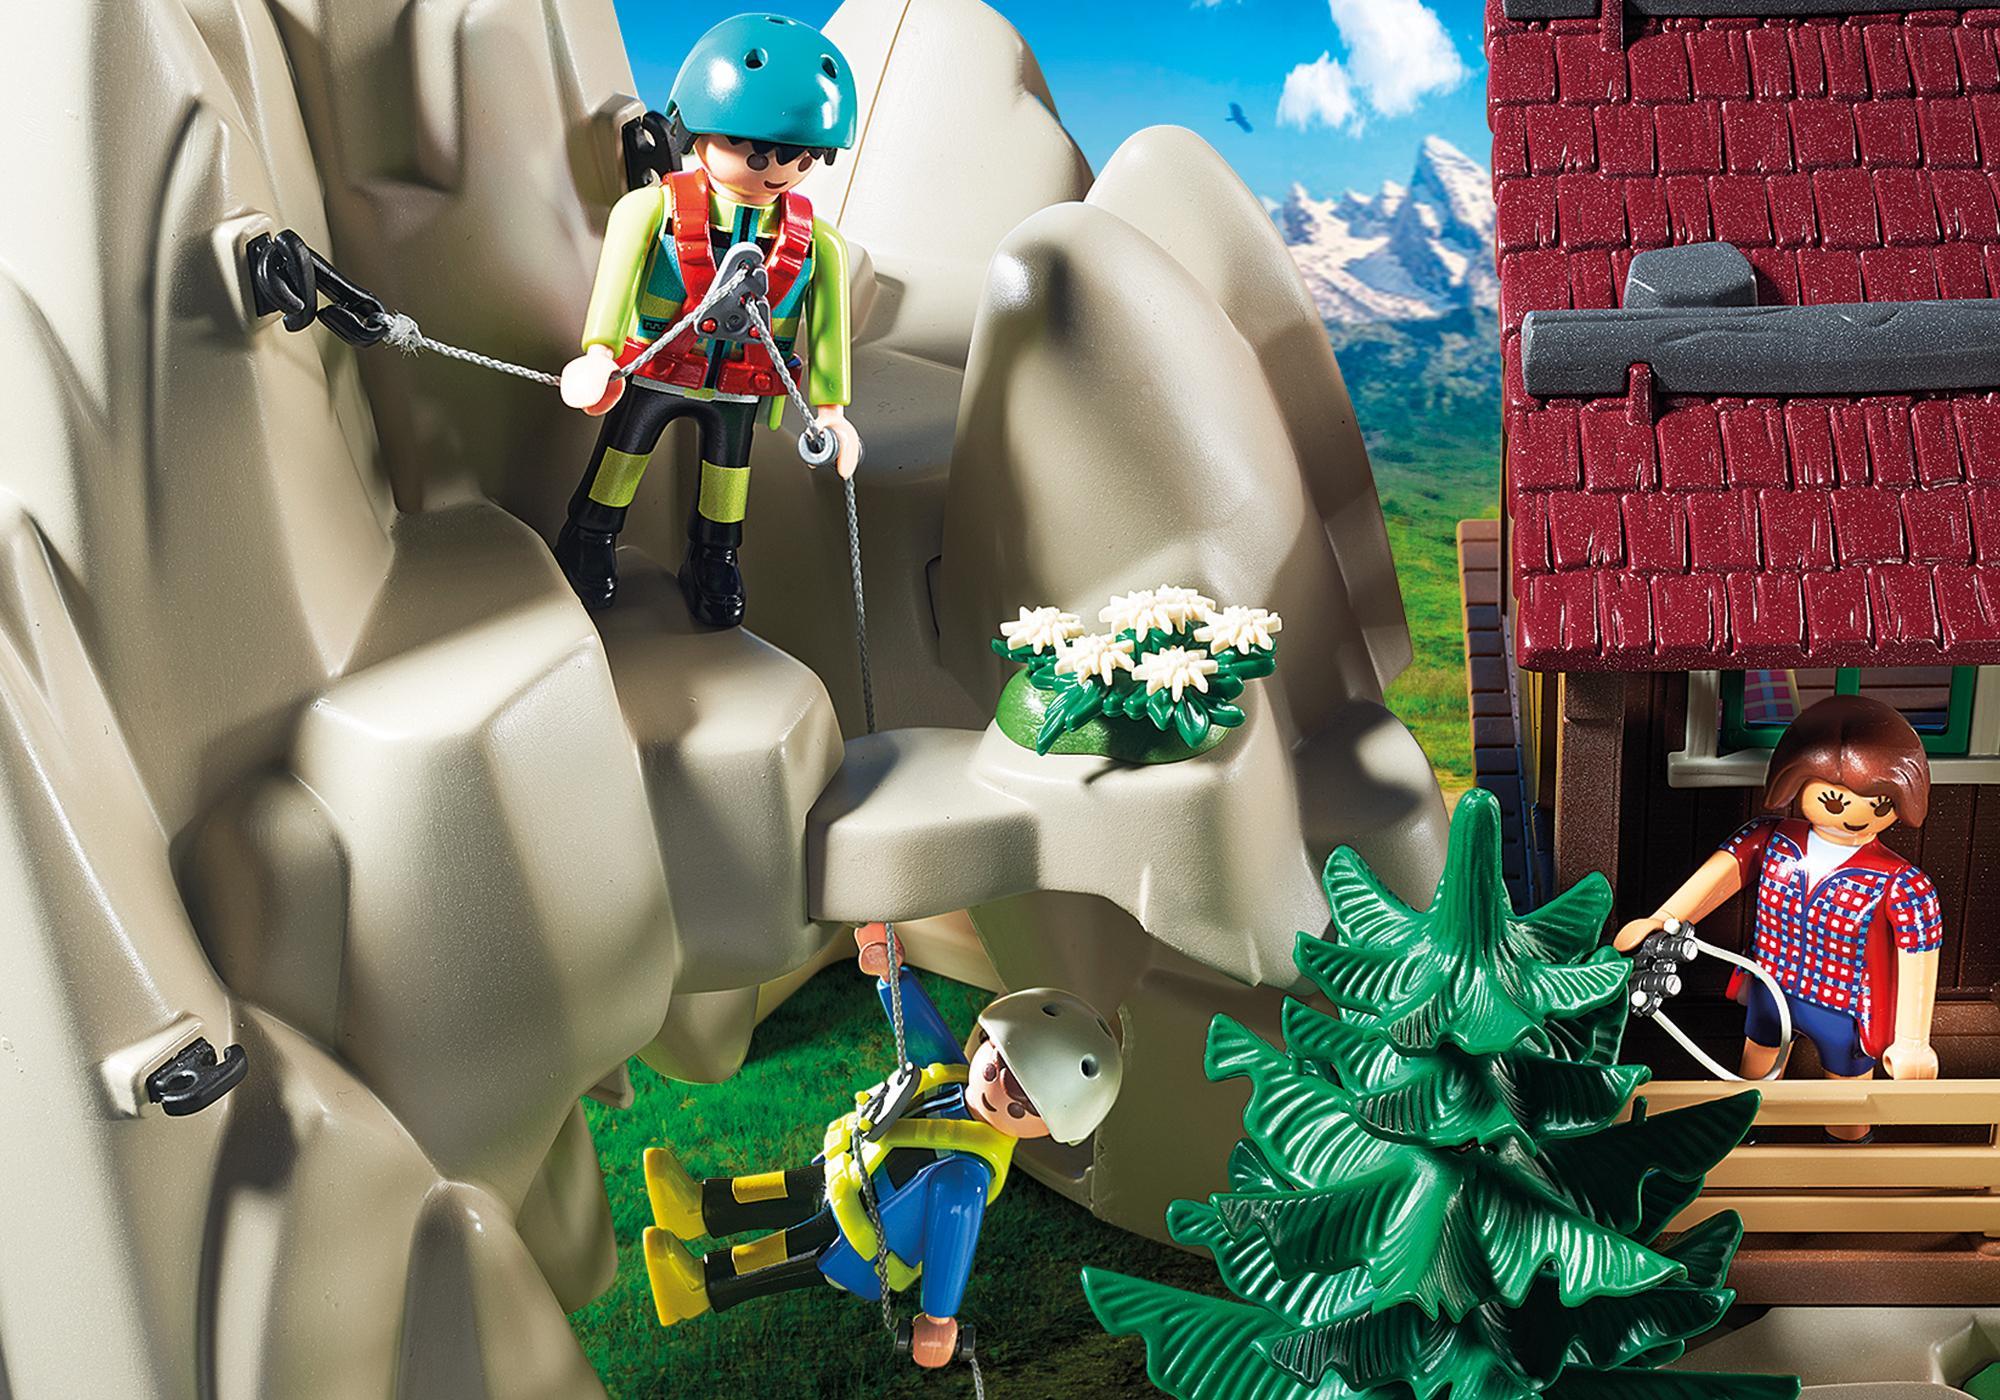 http://media.playmobil.com/i/playmobil/9126_product_extra3/Escaladores con Refugio